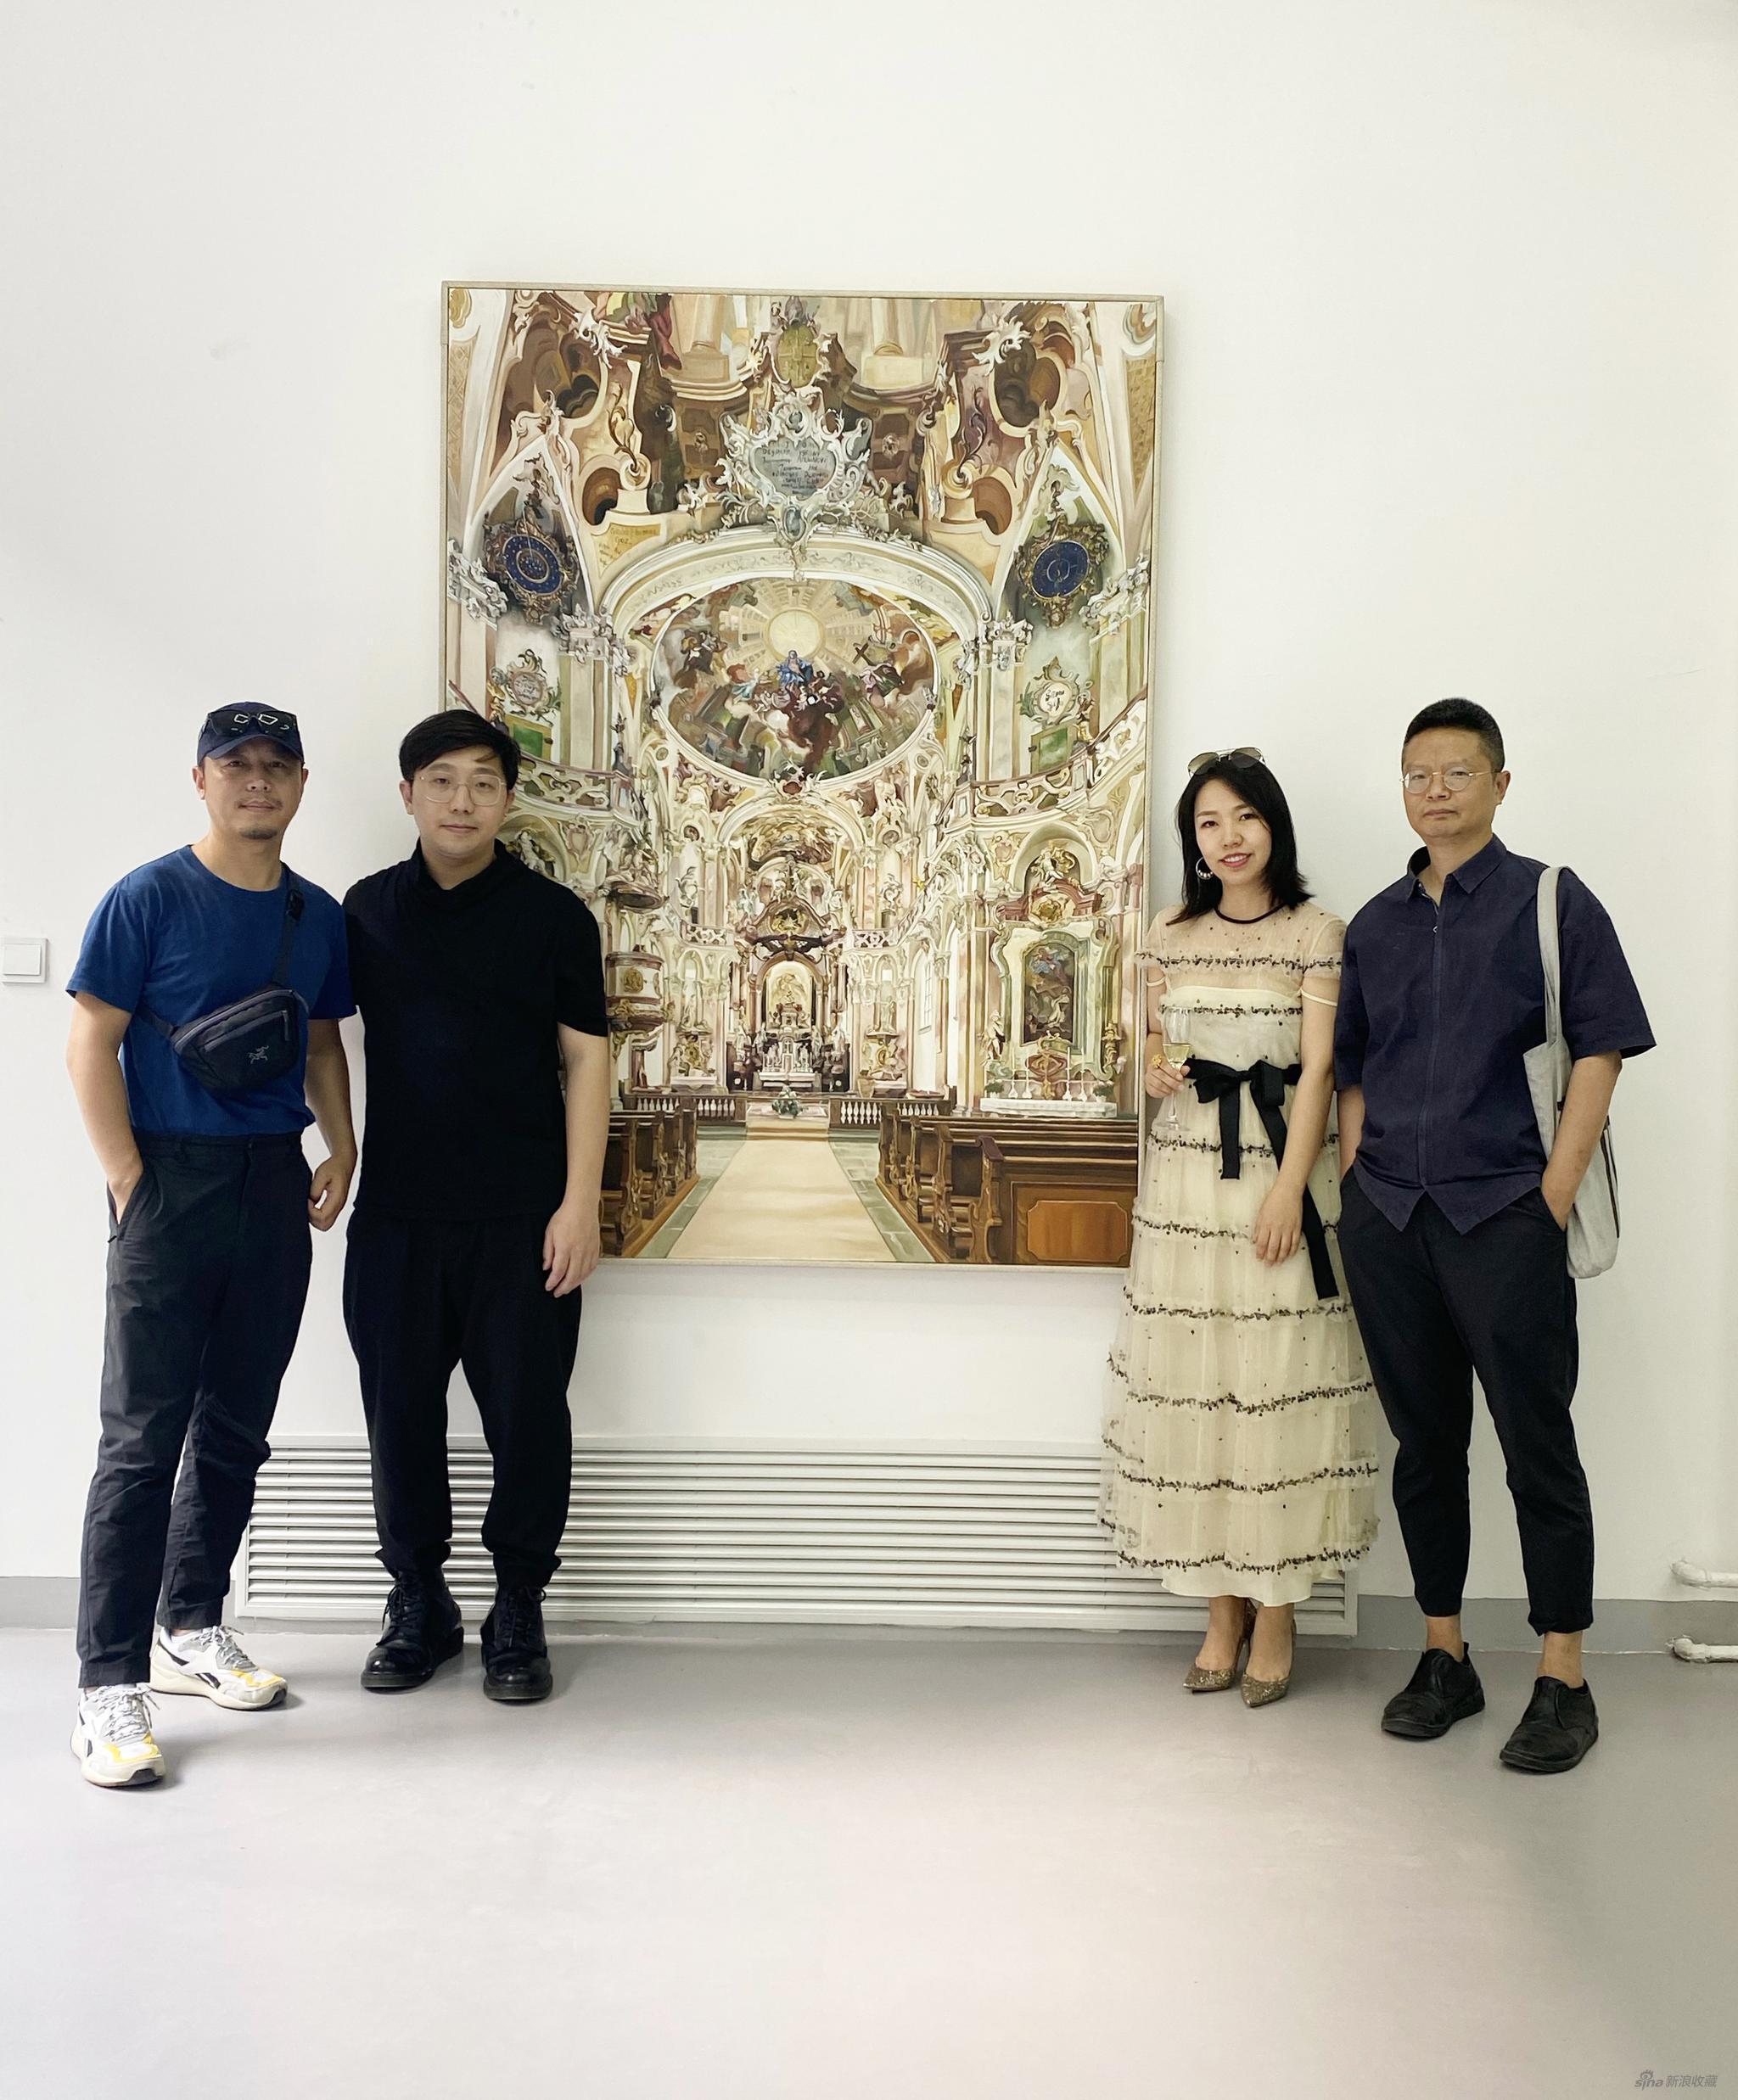 艺术家张钊瀛(左二)艺术仓库创始人赵倩颖女士(右二)与展览嘉宾